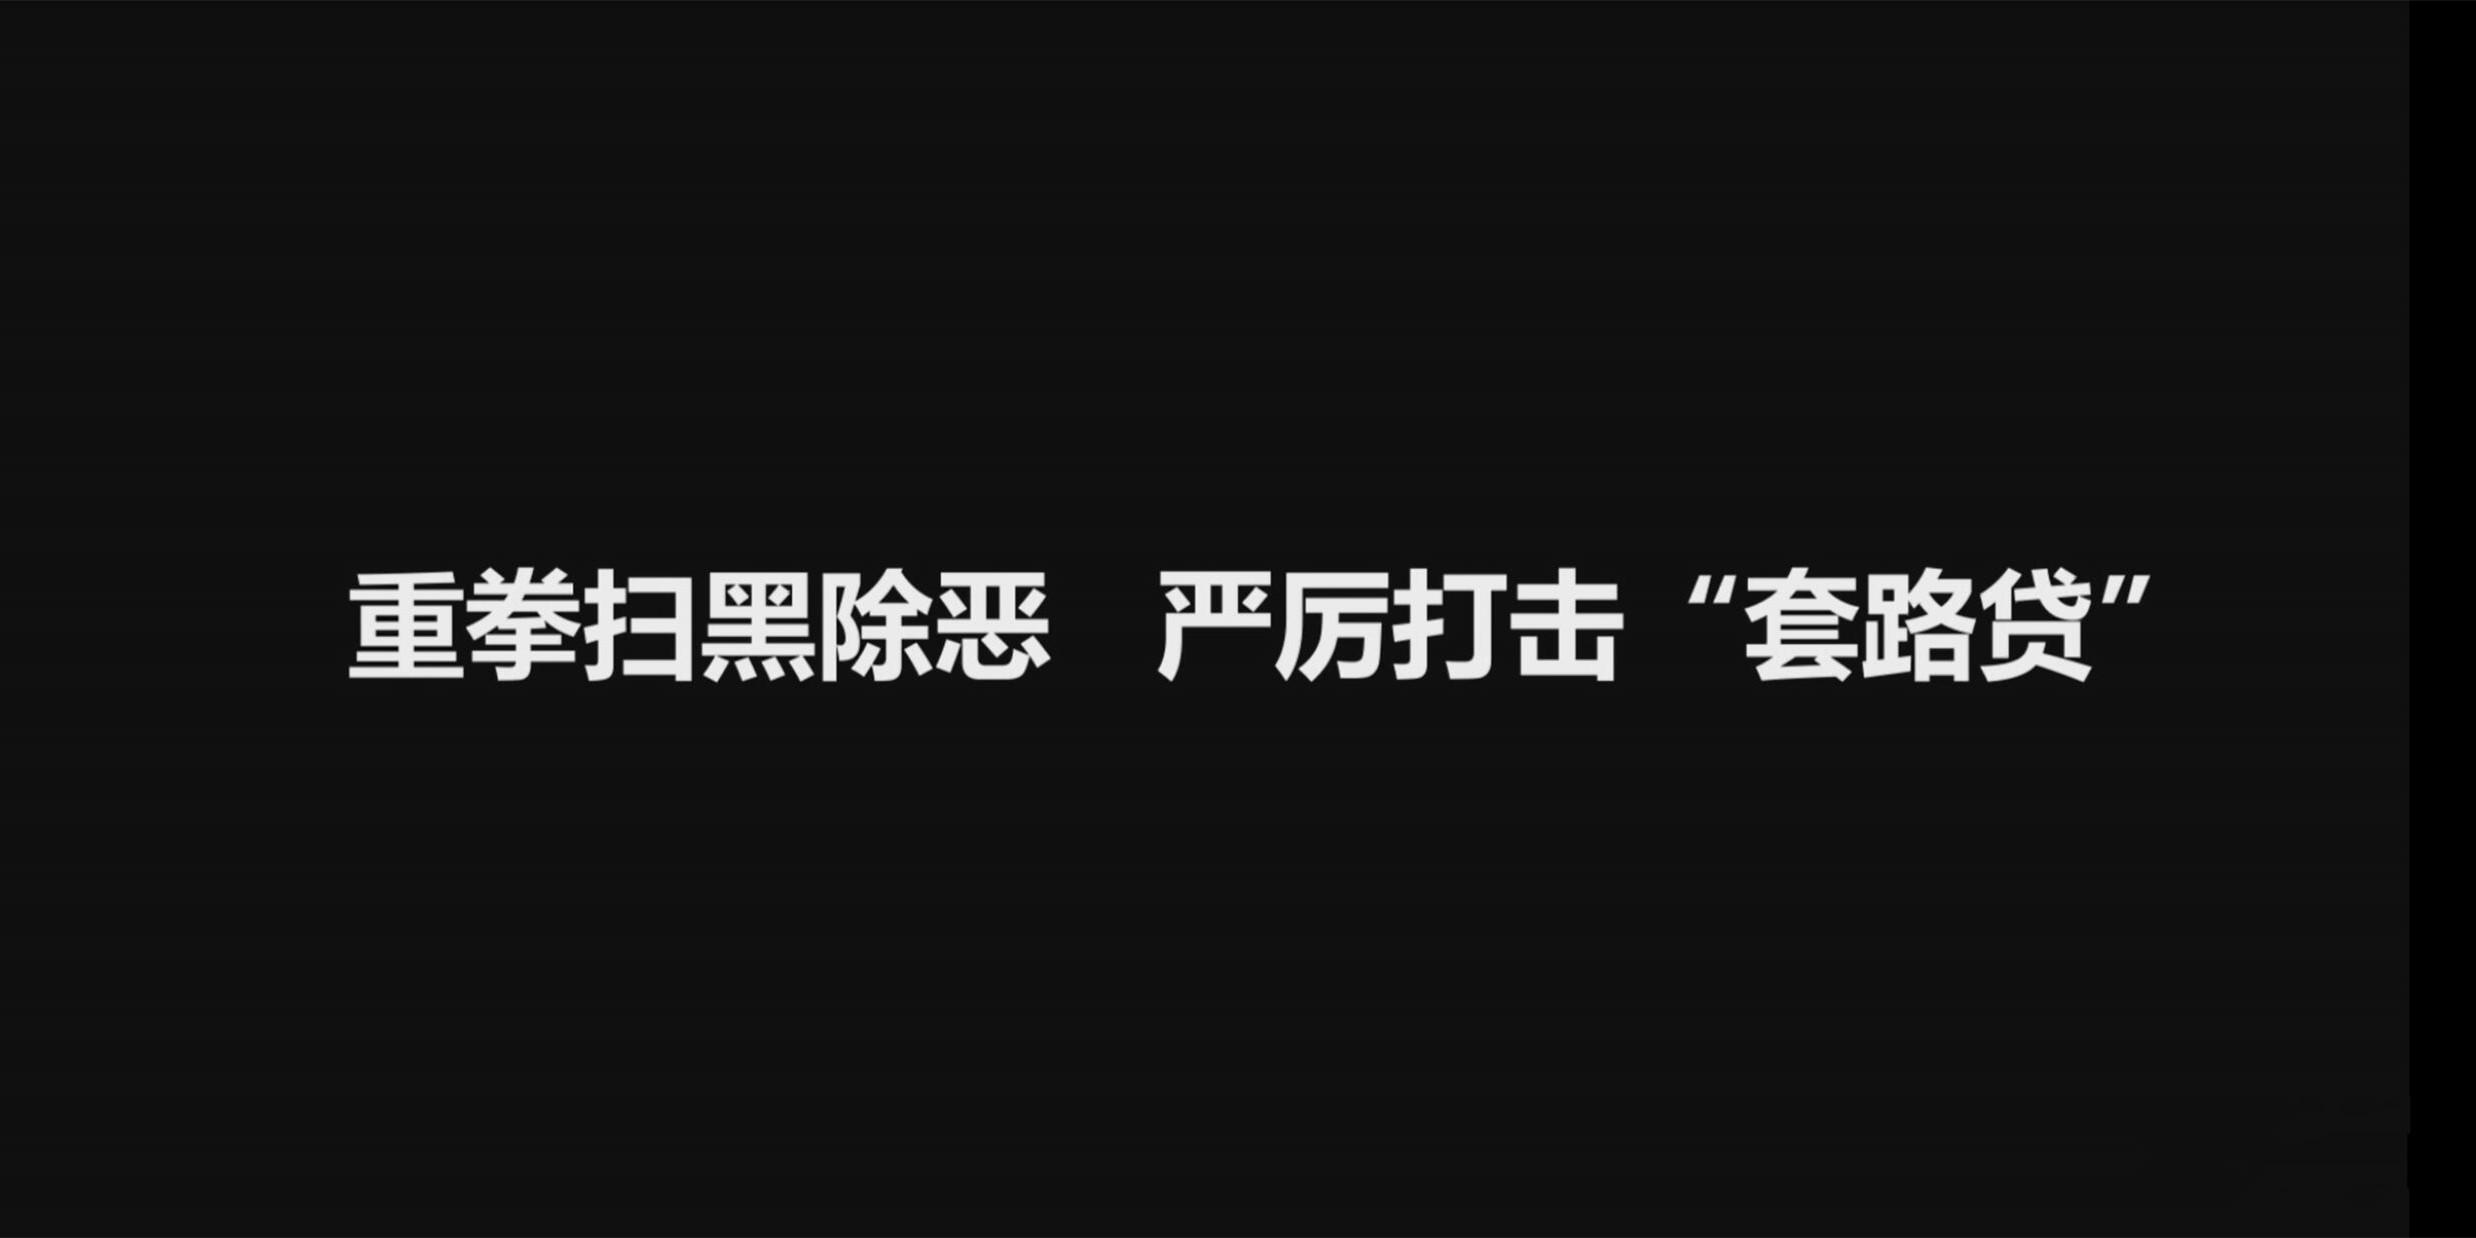 """揭露""""套路贷""""黑幕!长沙公安推出首部反""""套路贷""""微电影"""